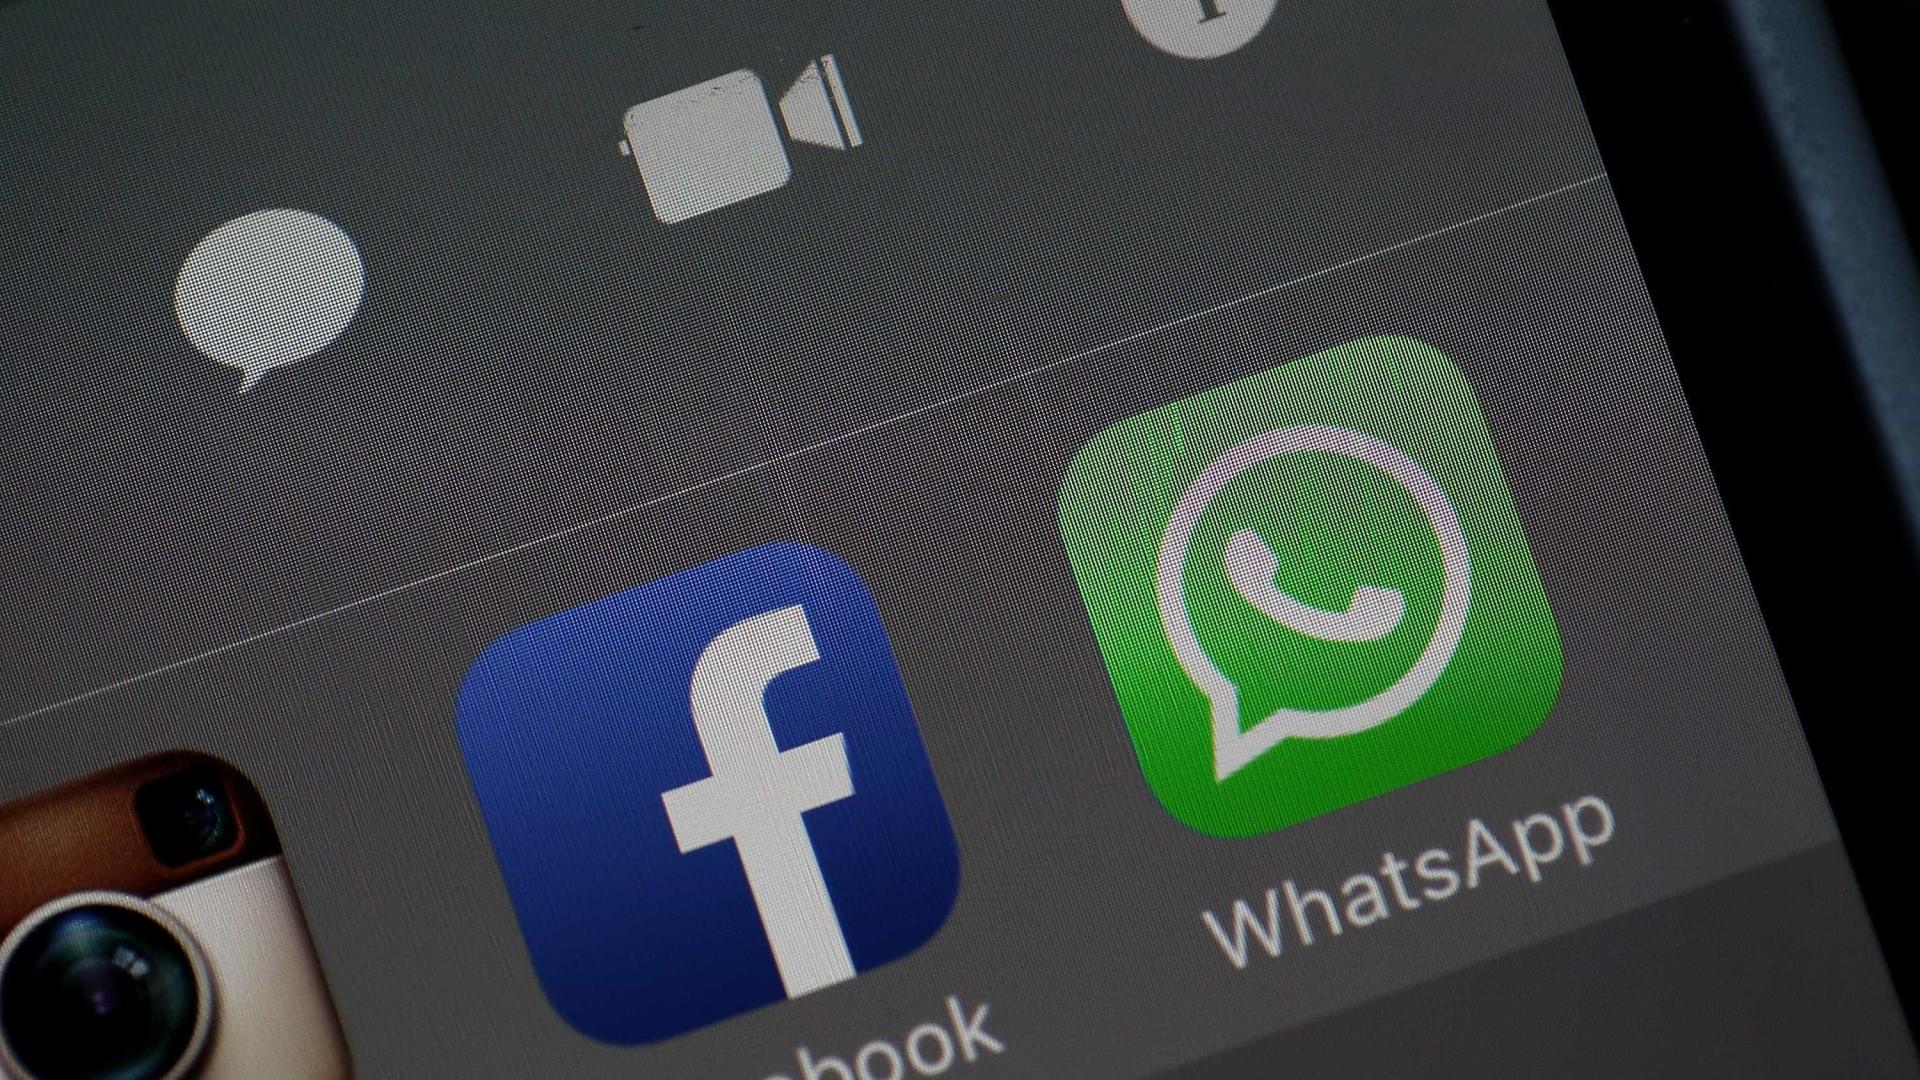 Mensagens do WhatsApp são bloqueadas na China, segundo usuários